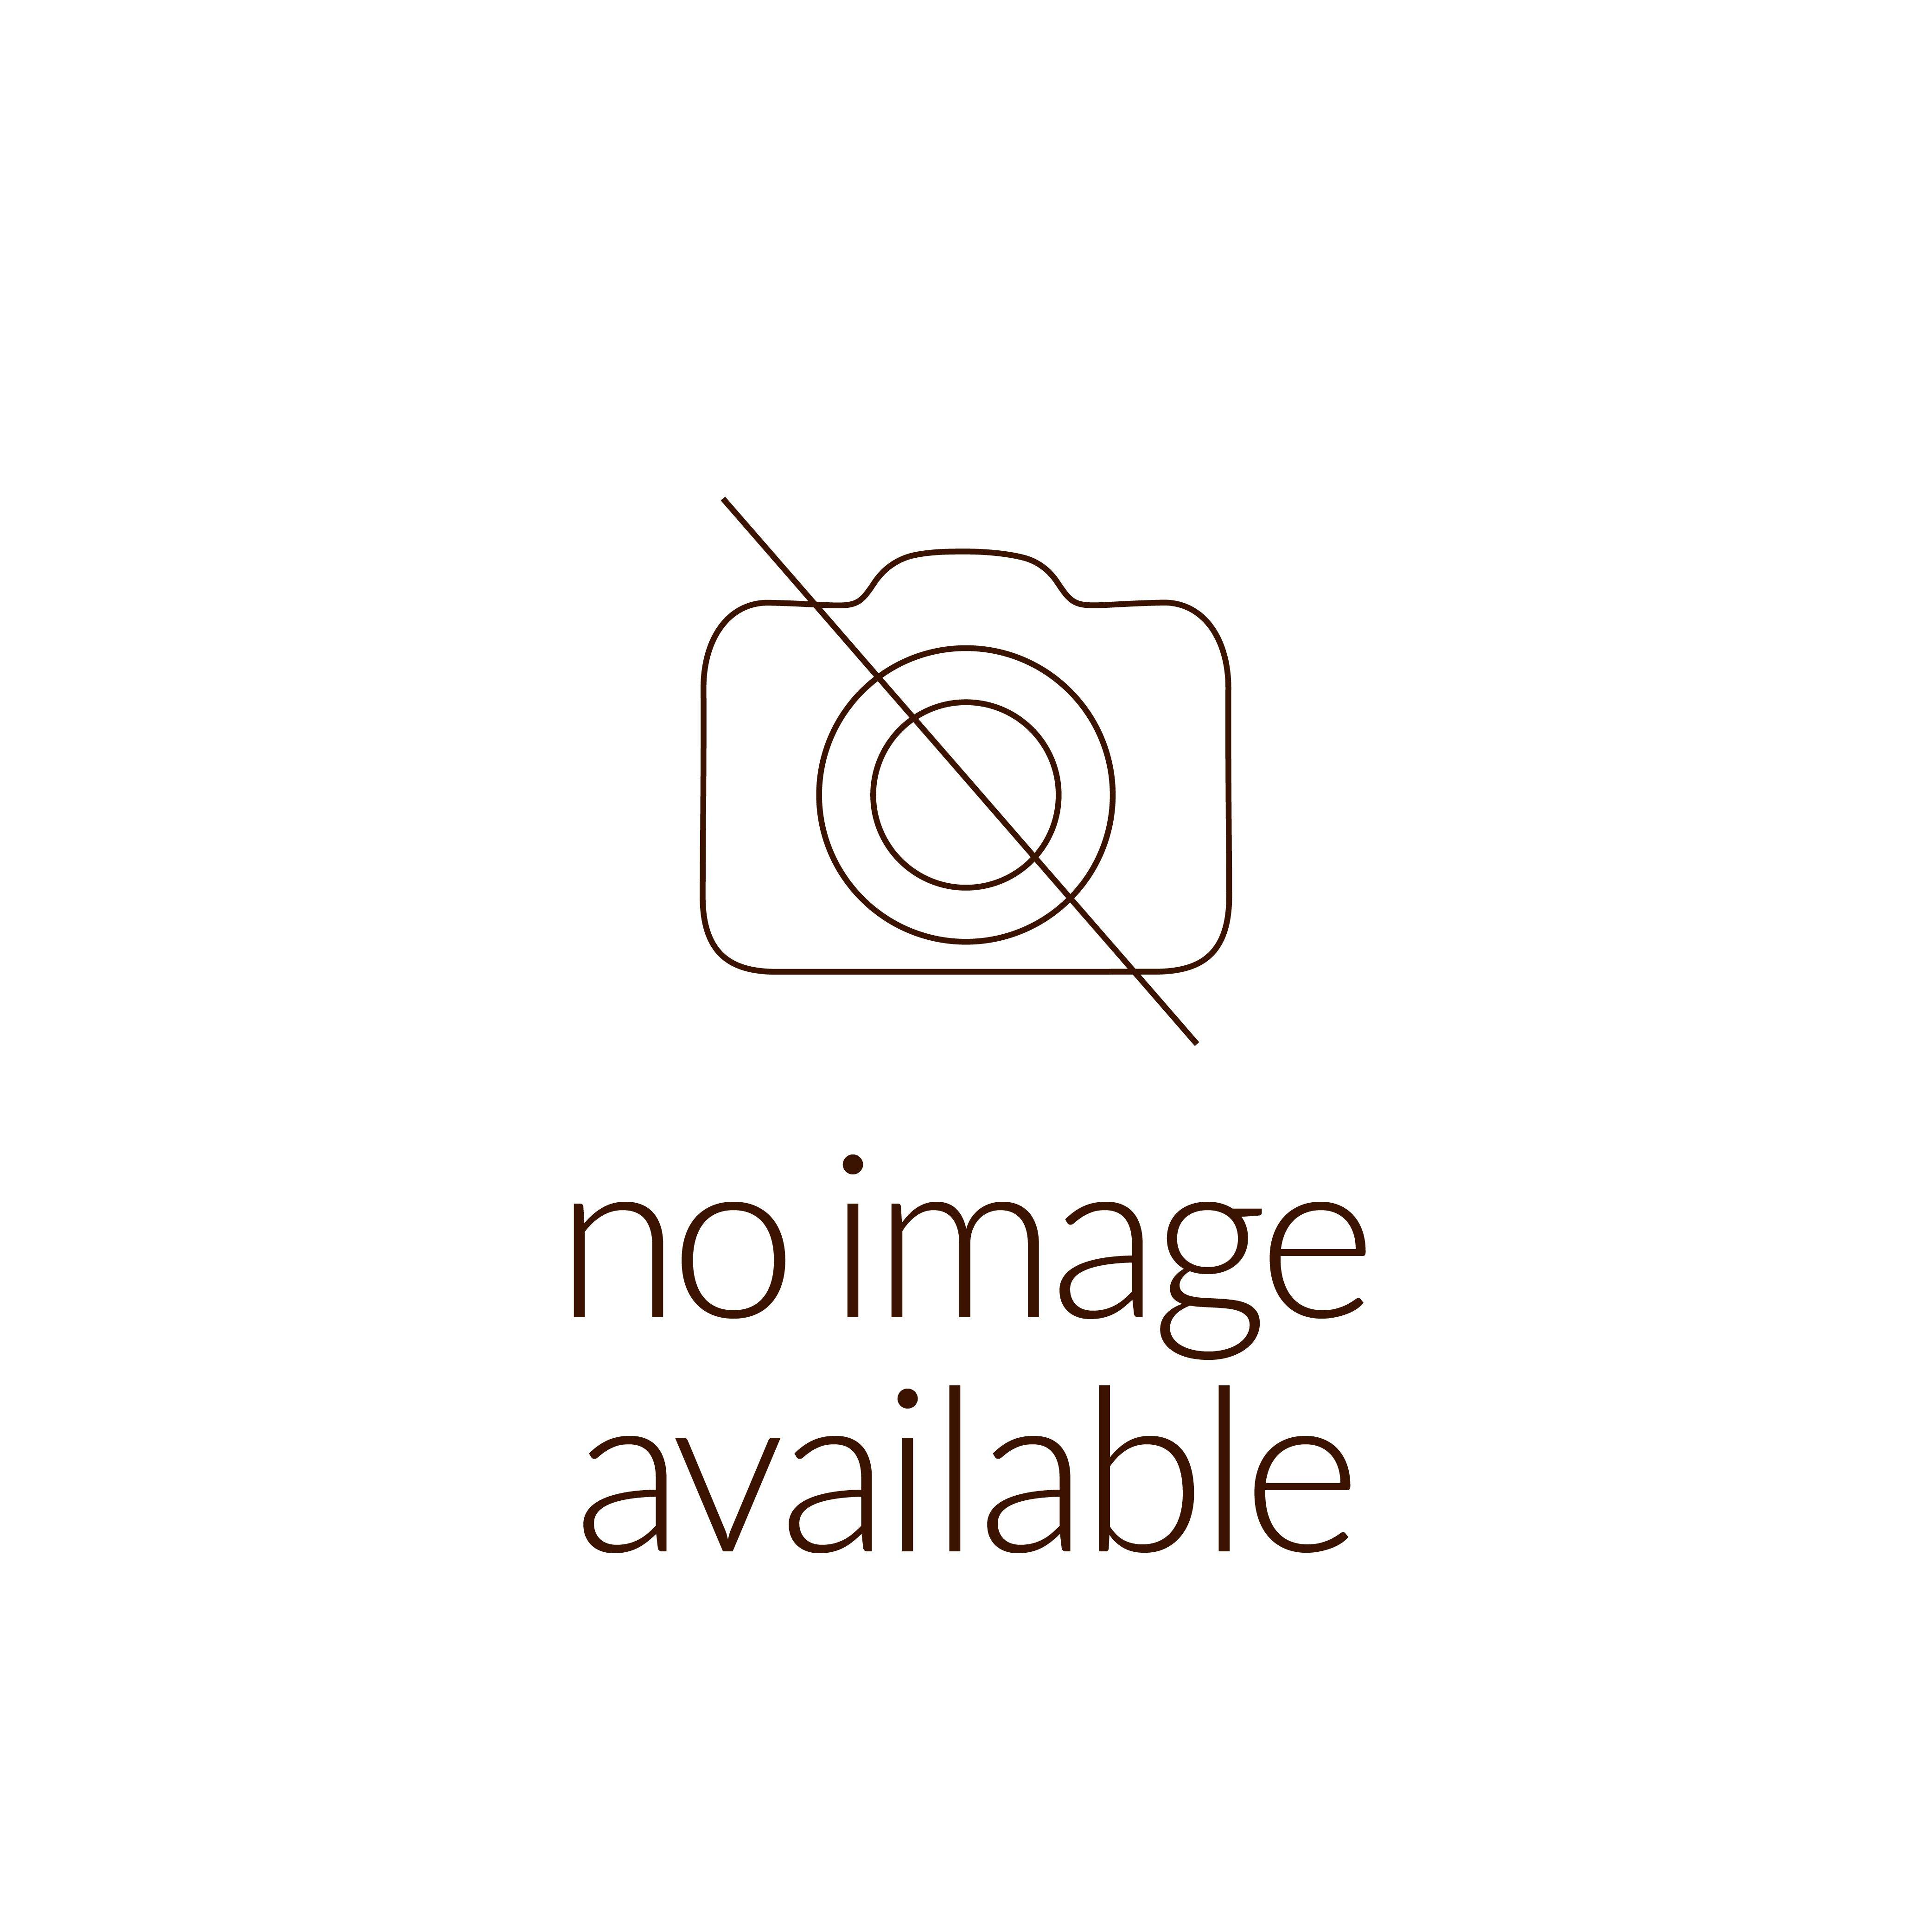 """מדליה ממלכתית, משה והסנה הבוער - סיפורי התנ""""ך, כסף 999, 38.7 מ""""מ, 1 אונקיה - צד הנושא"""